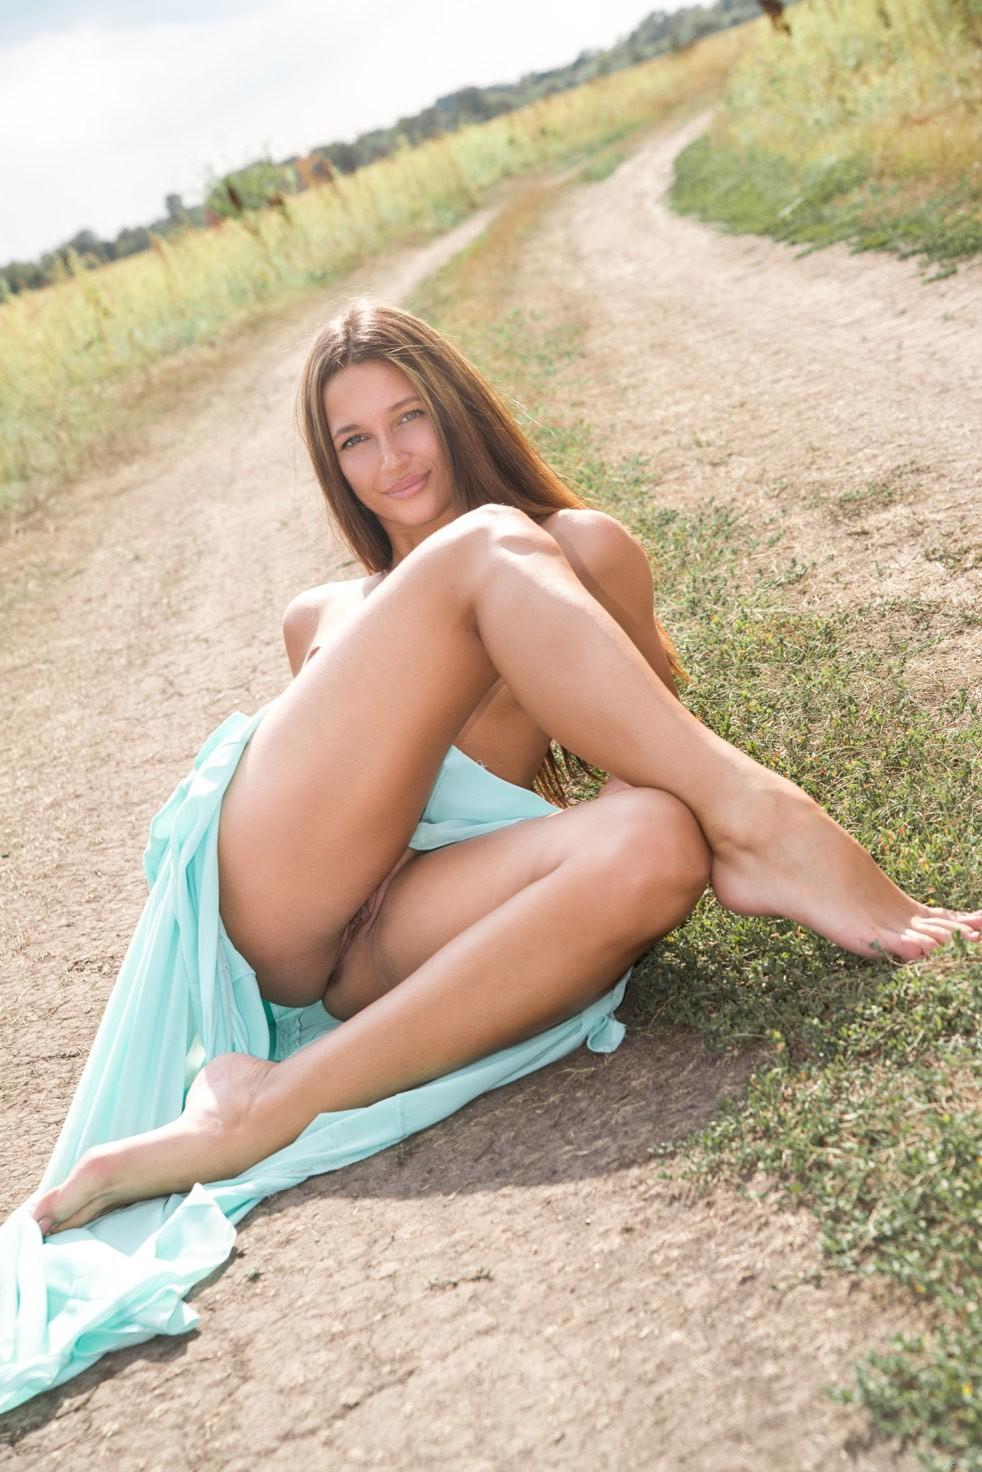 Красотка Кеня на проселочной дороге позирует голая